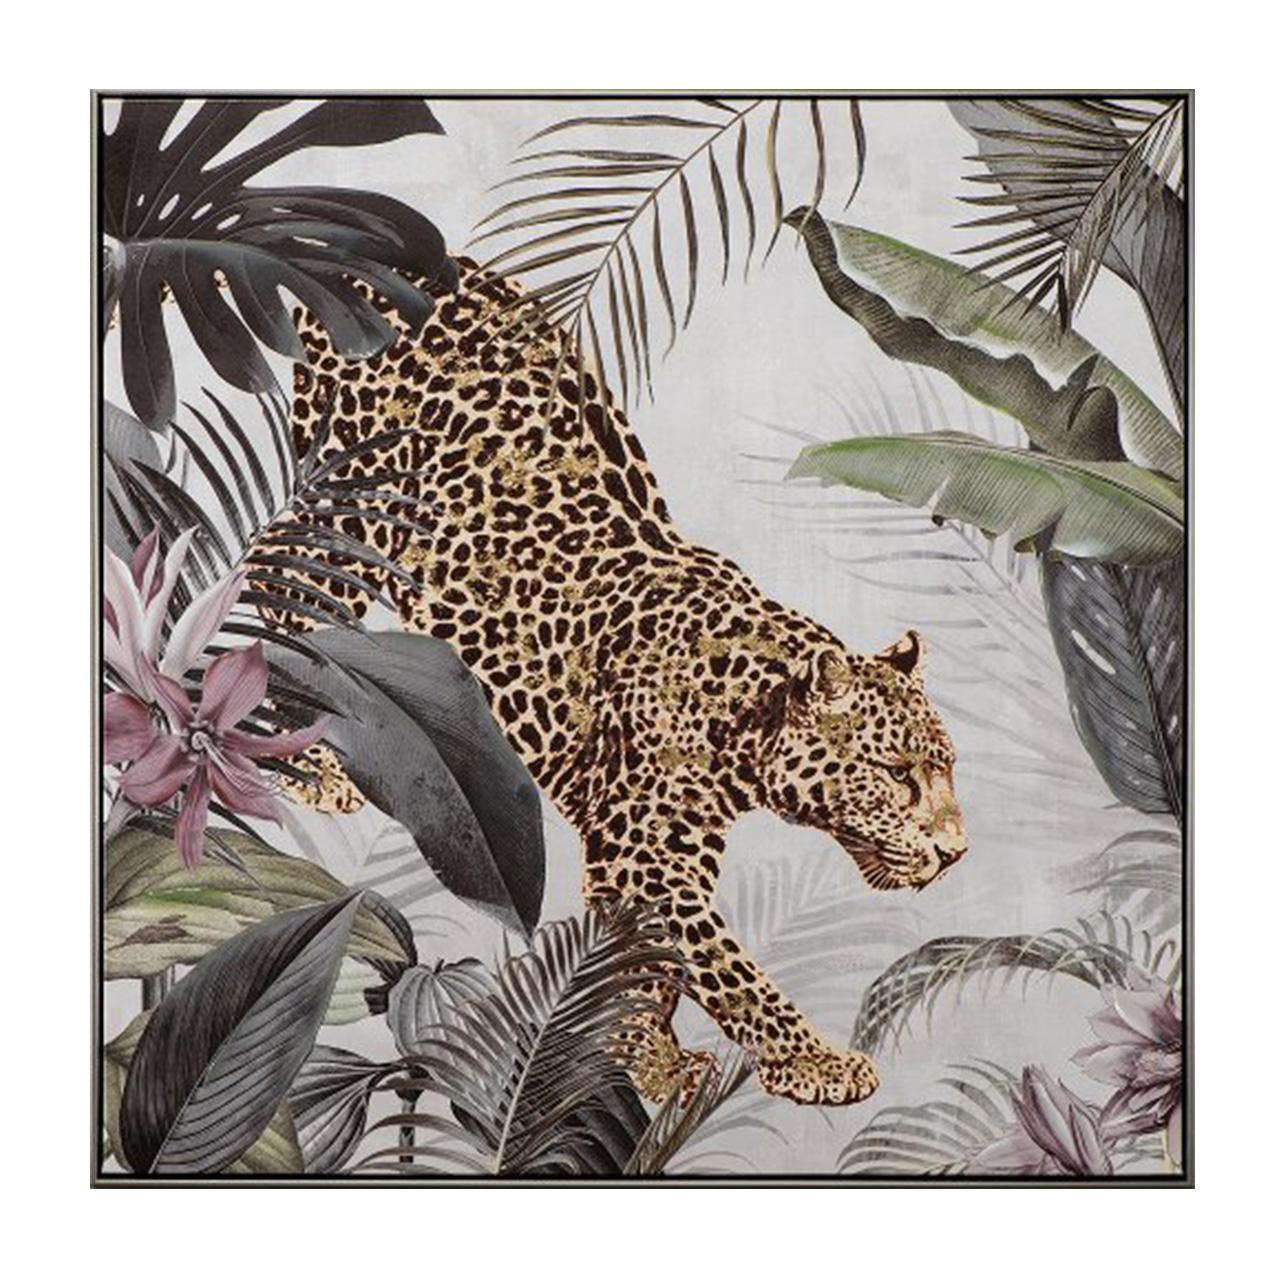 Imageland Bild Leopard im Dschungel I